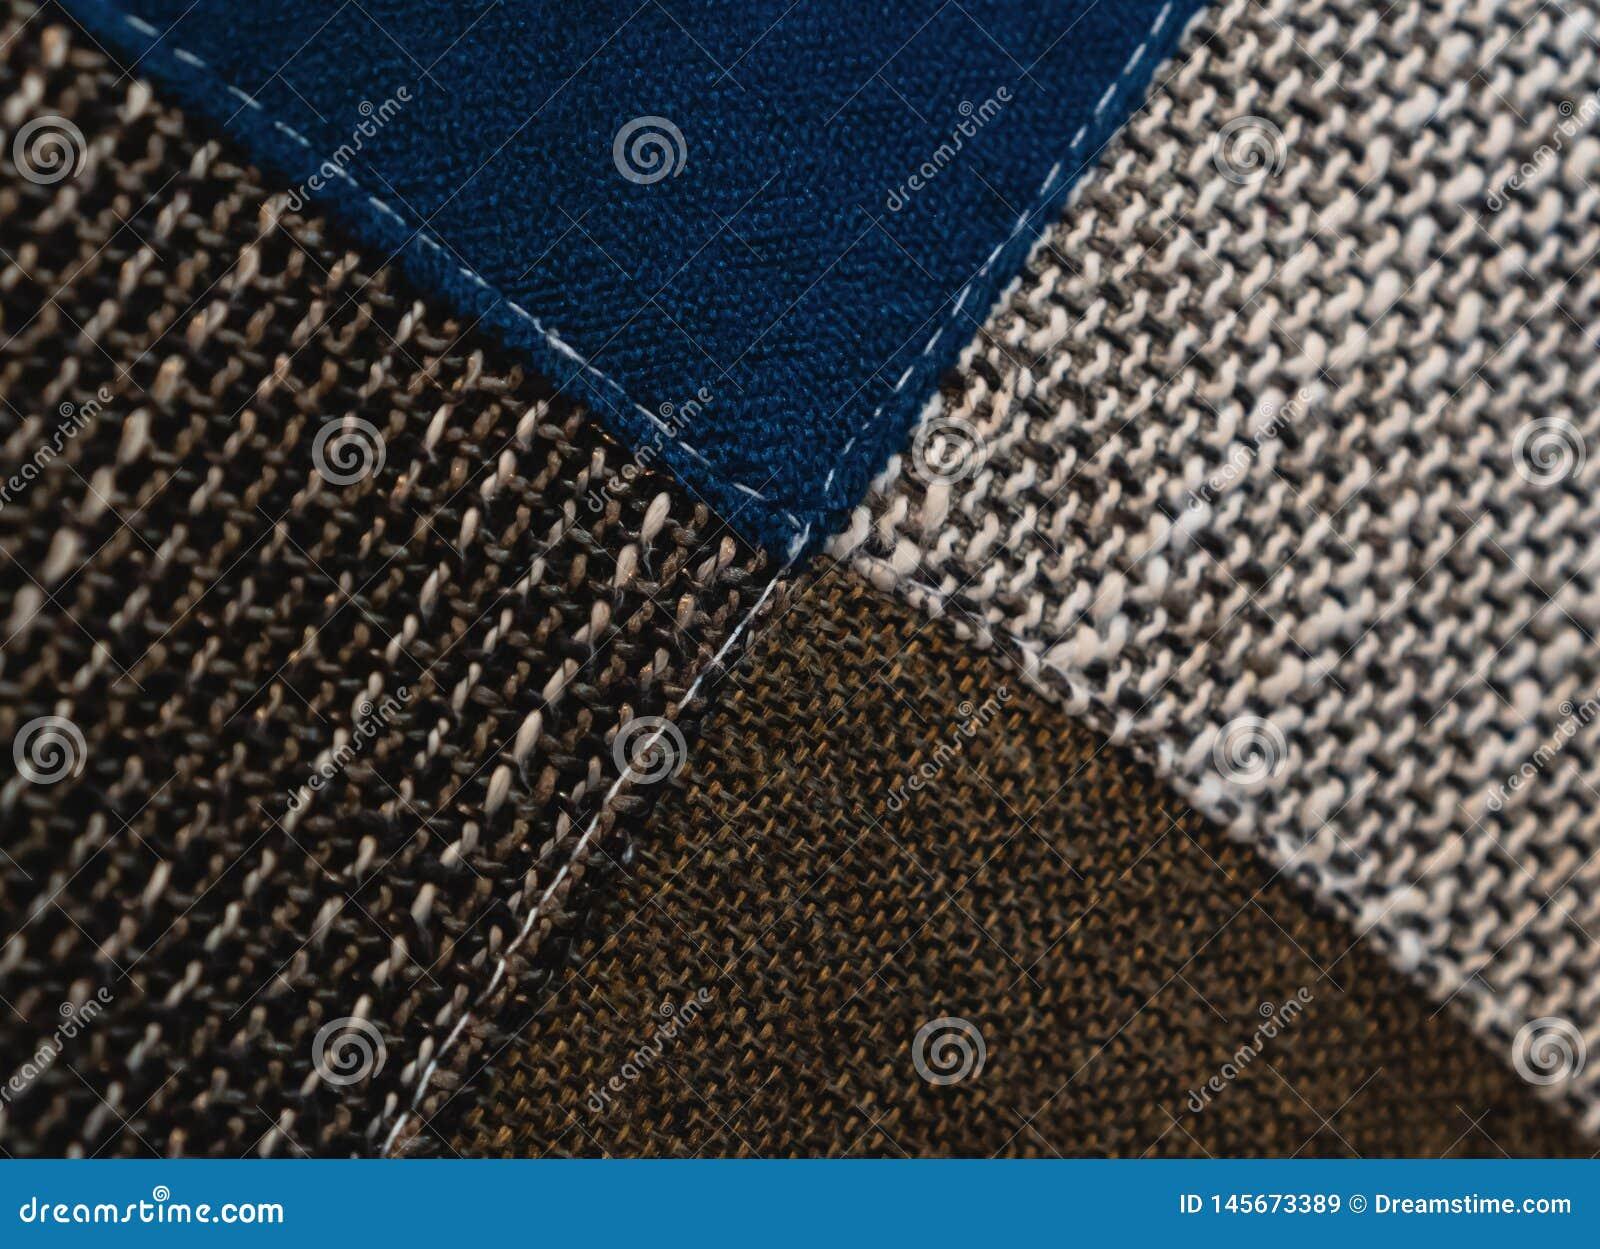 Le modèle coloré de tissu peut être employé pour le fond